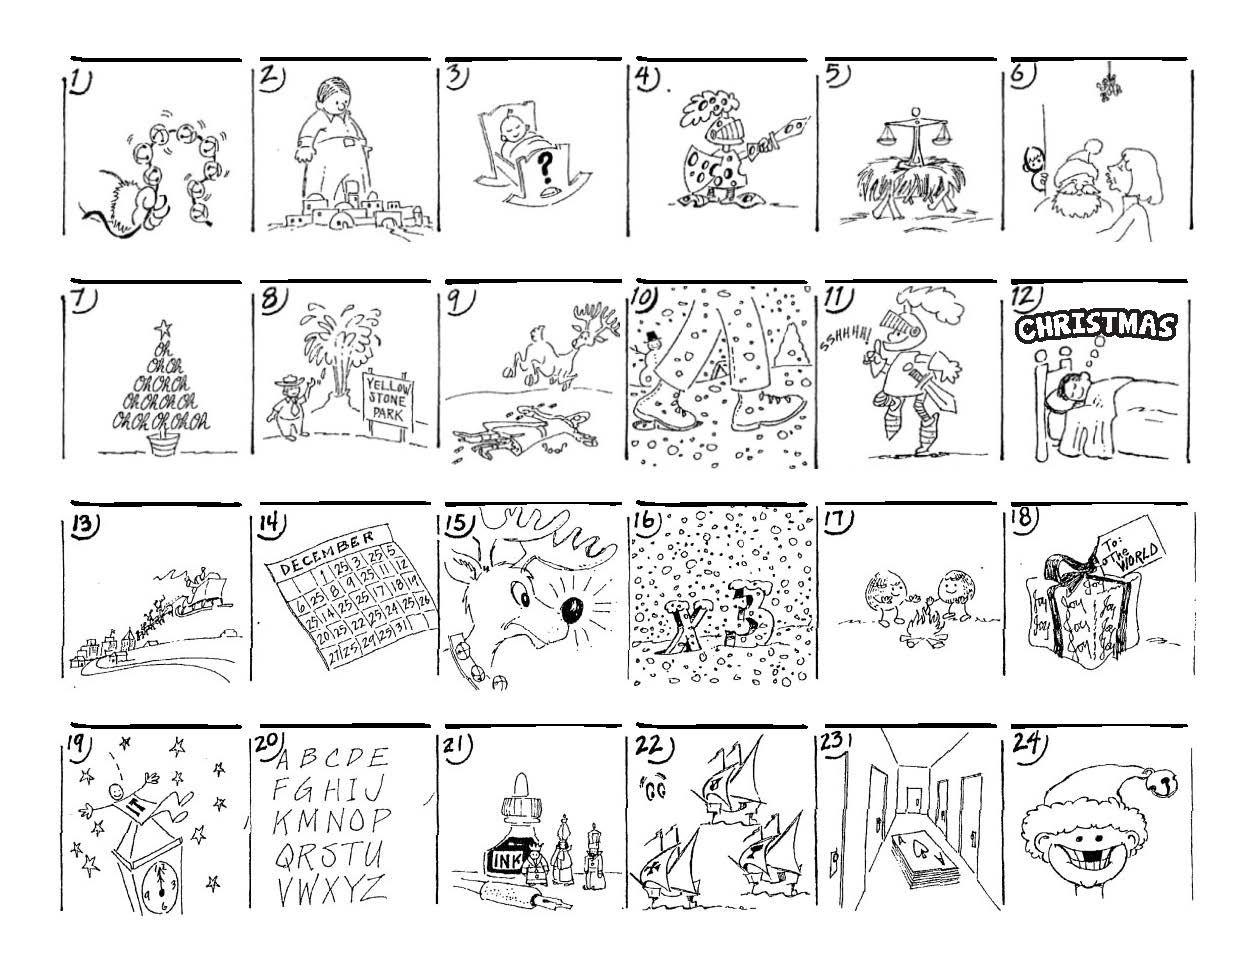 Christmas Carol Puzzles Christmas carol, Christmas